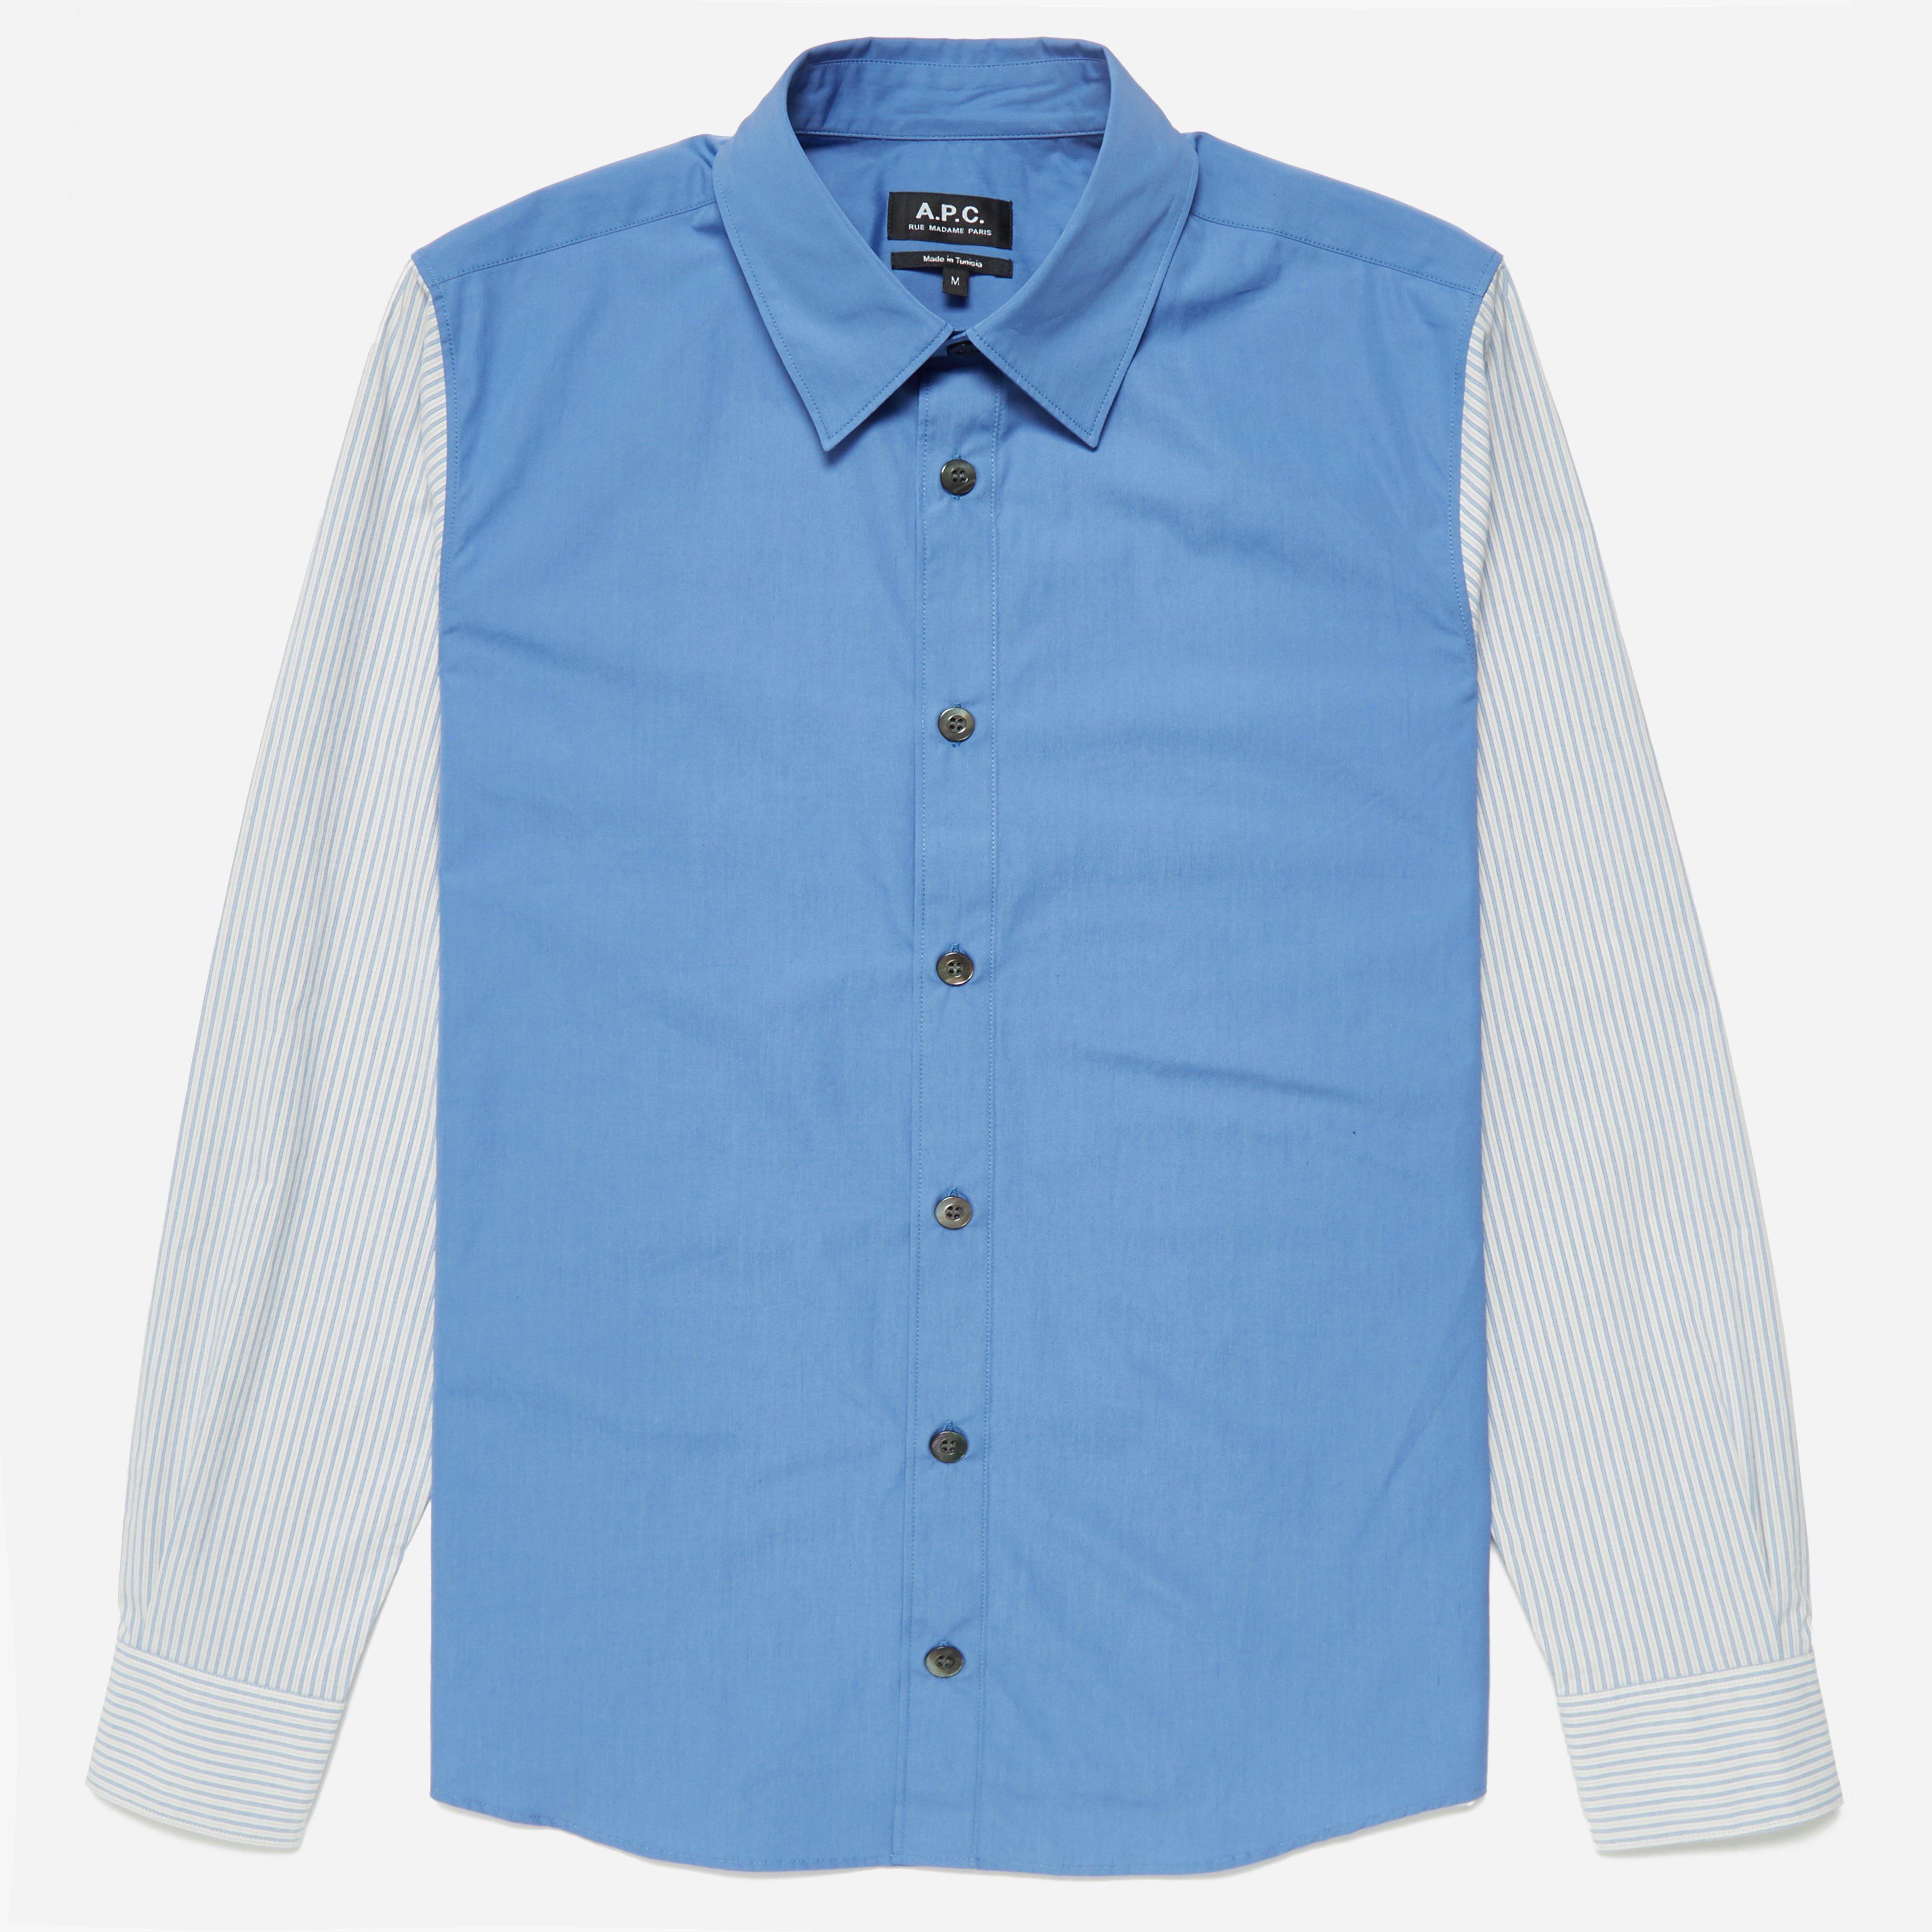 A.P.C. Jensen Shirt